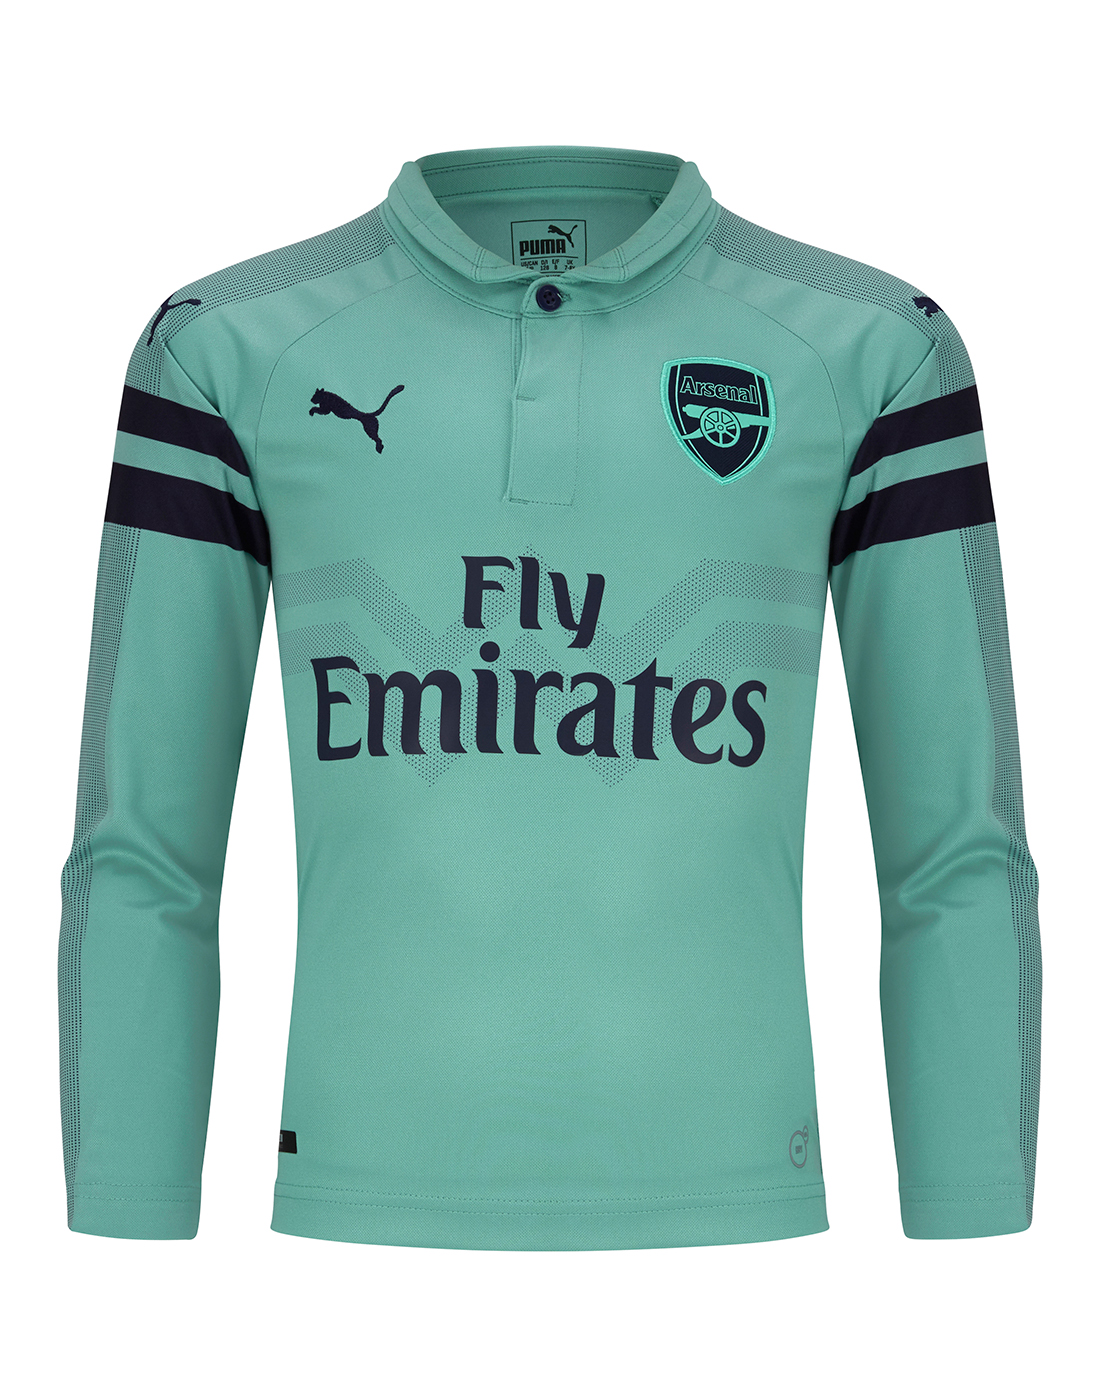 875d835d0 Puma Kids Arsenal 18 19 Third LS Jersey